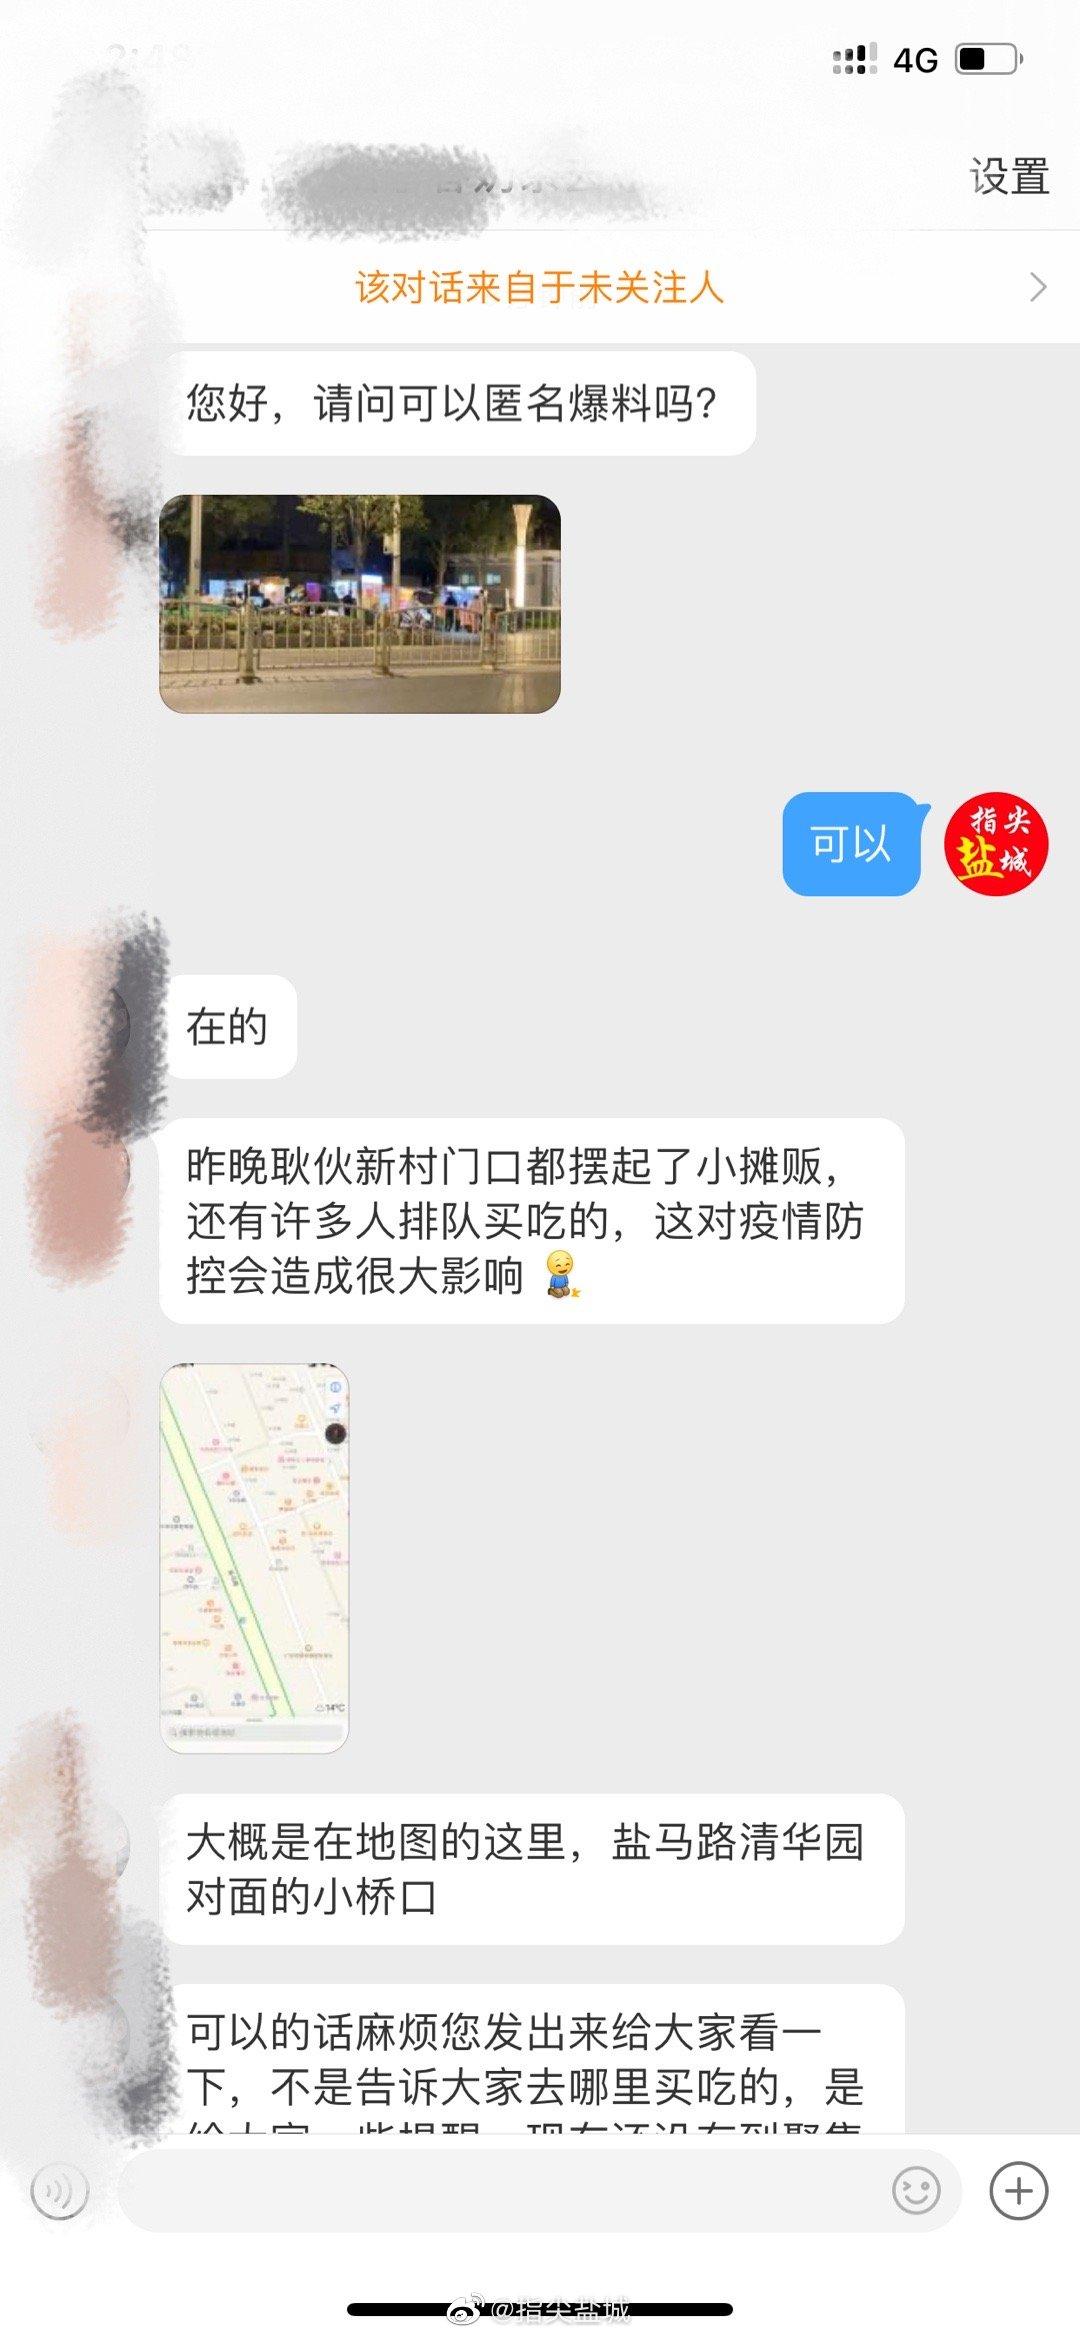 网友投稿:昨晚耿伙新村门口都摆起了小摊贩,大概是在地图的这里